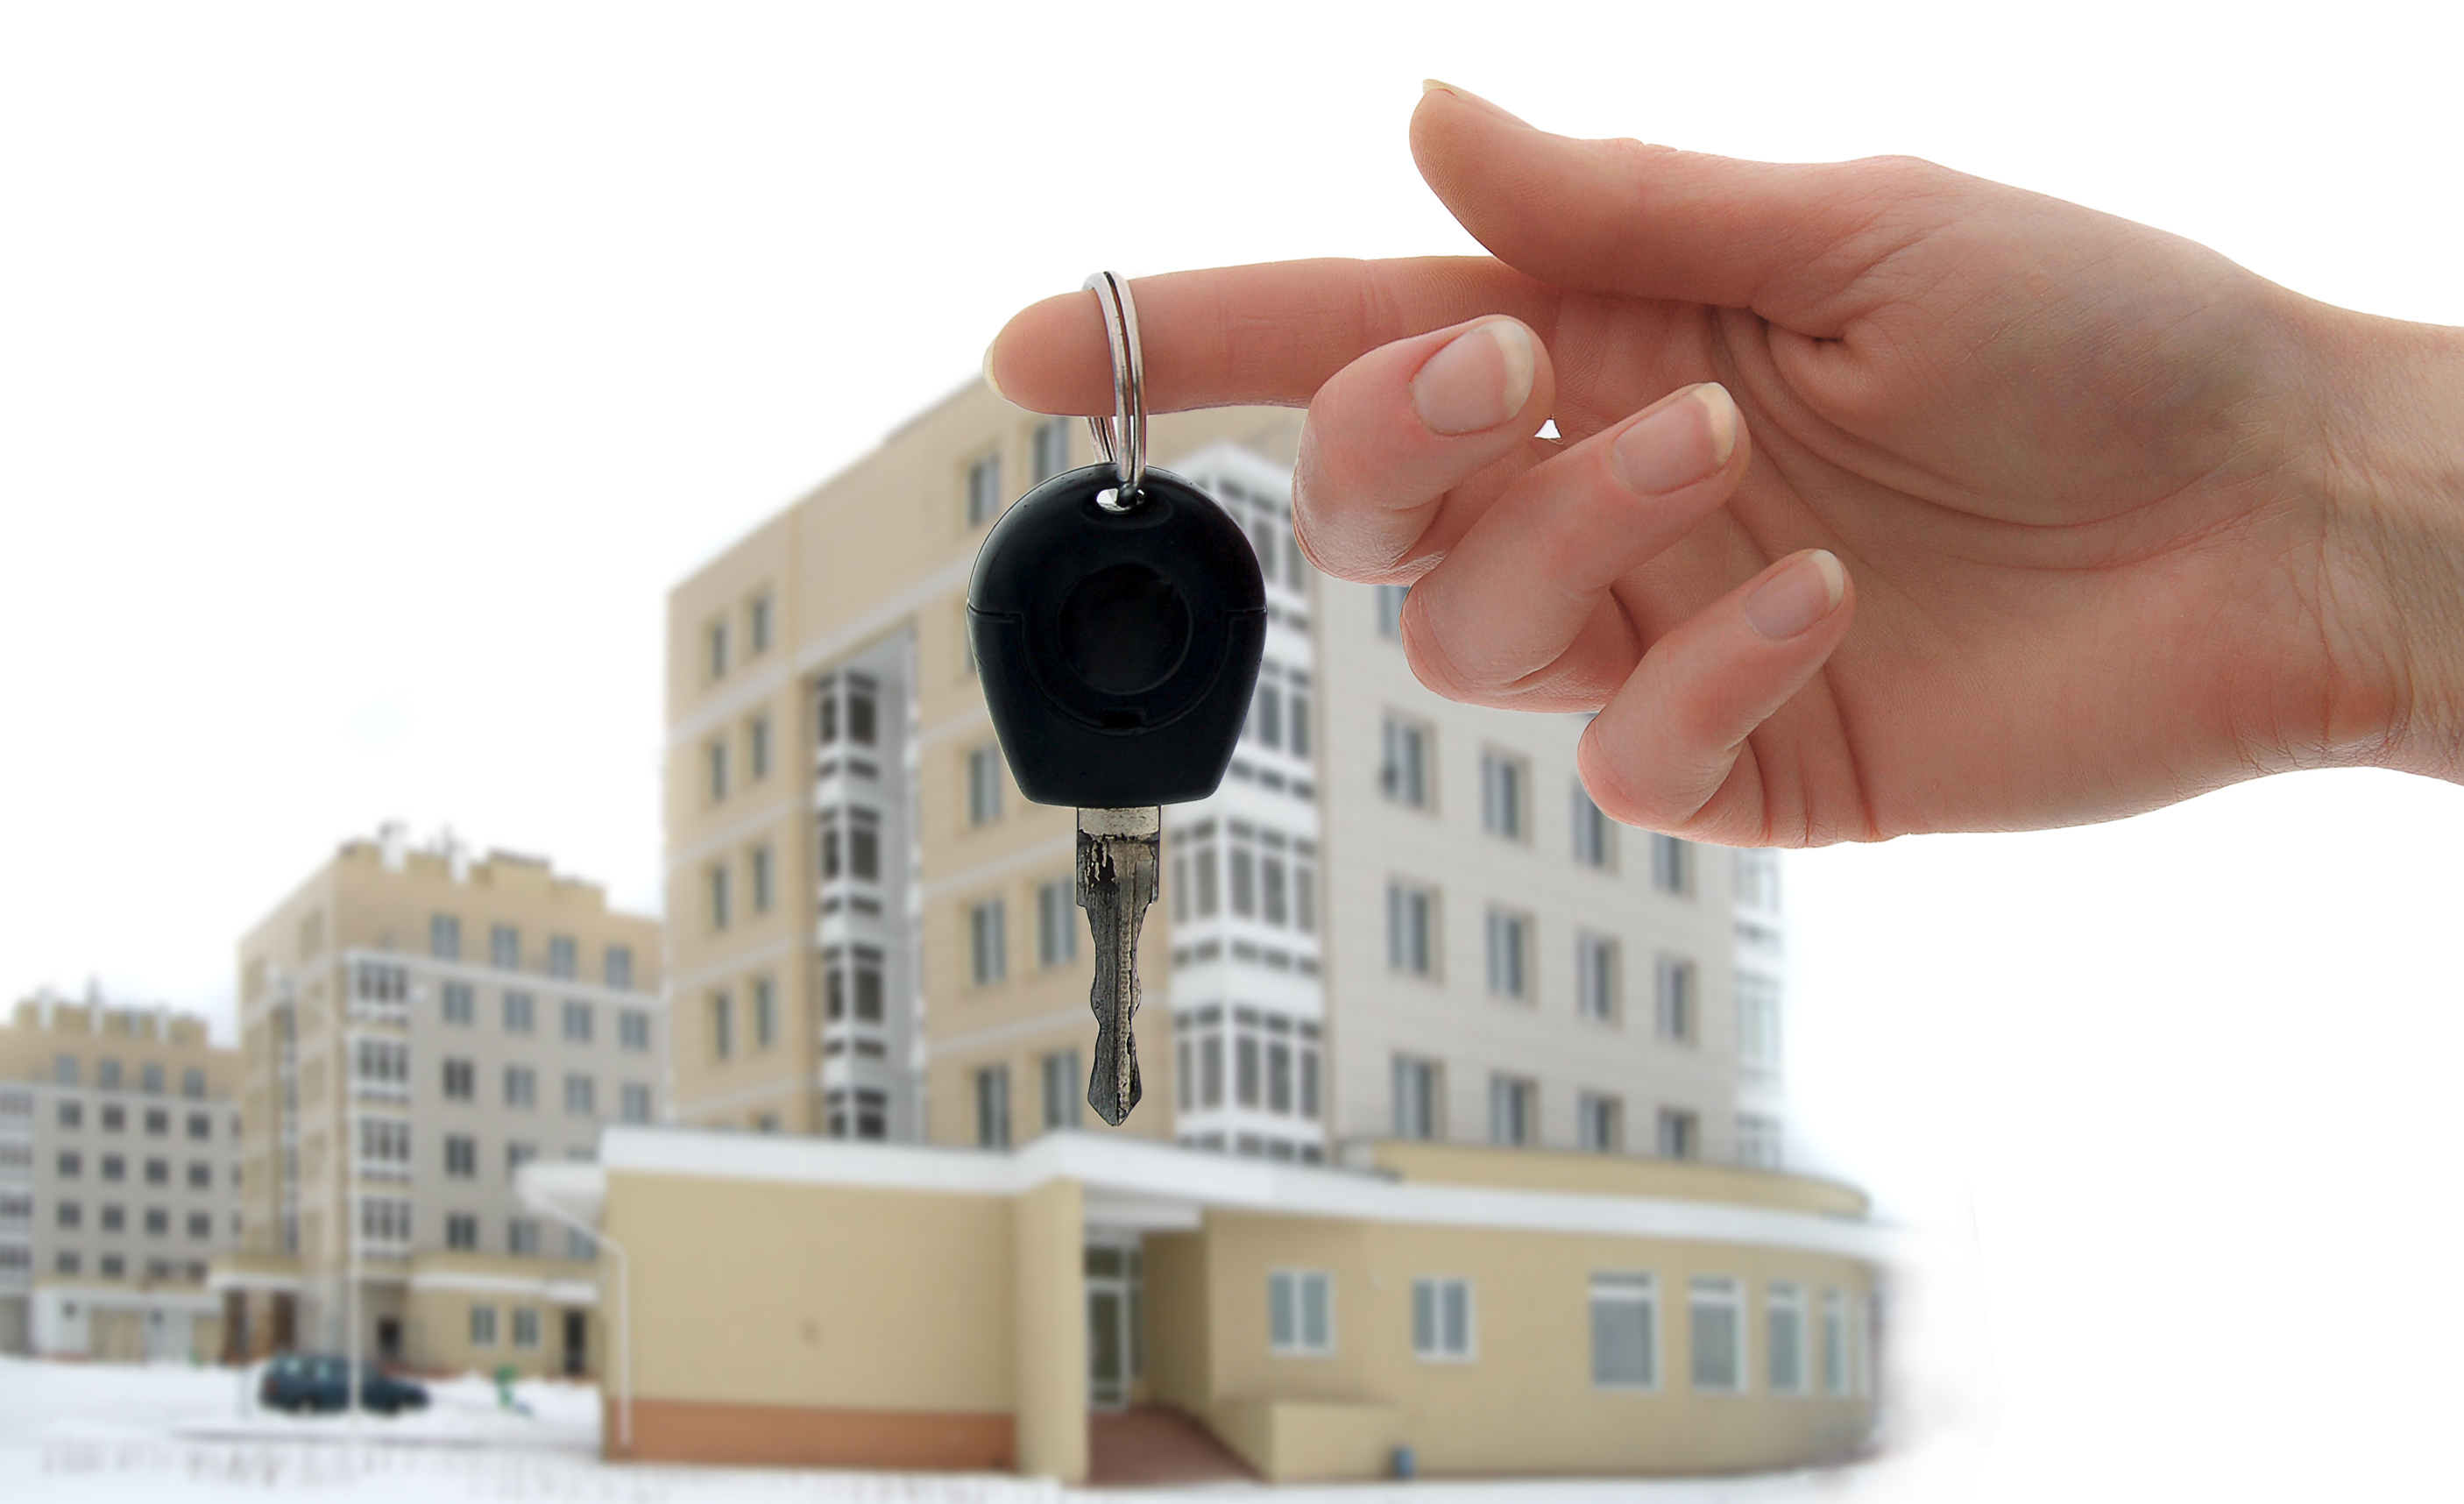 Орендувати апартаменти в Києві подобово вигідно і зручно